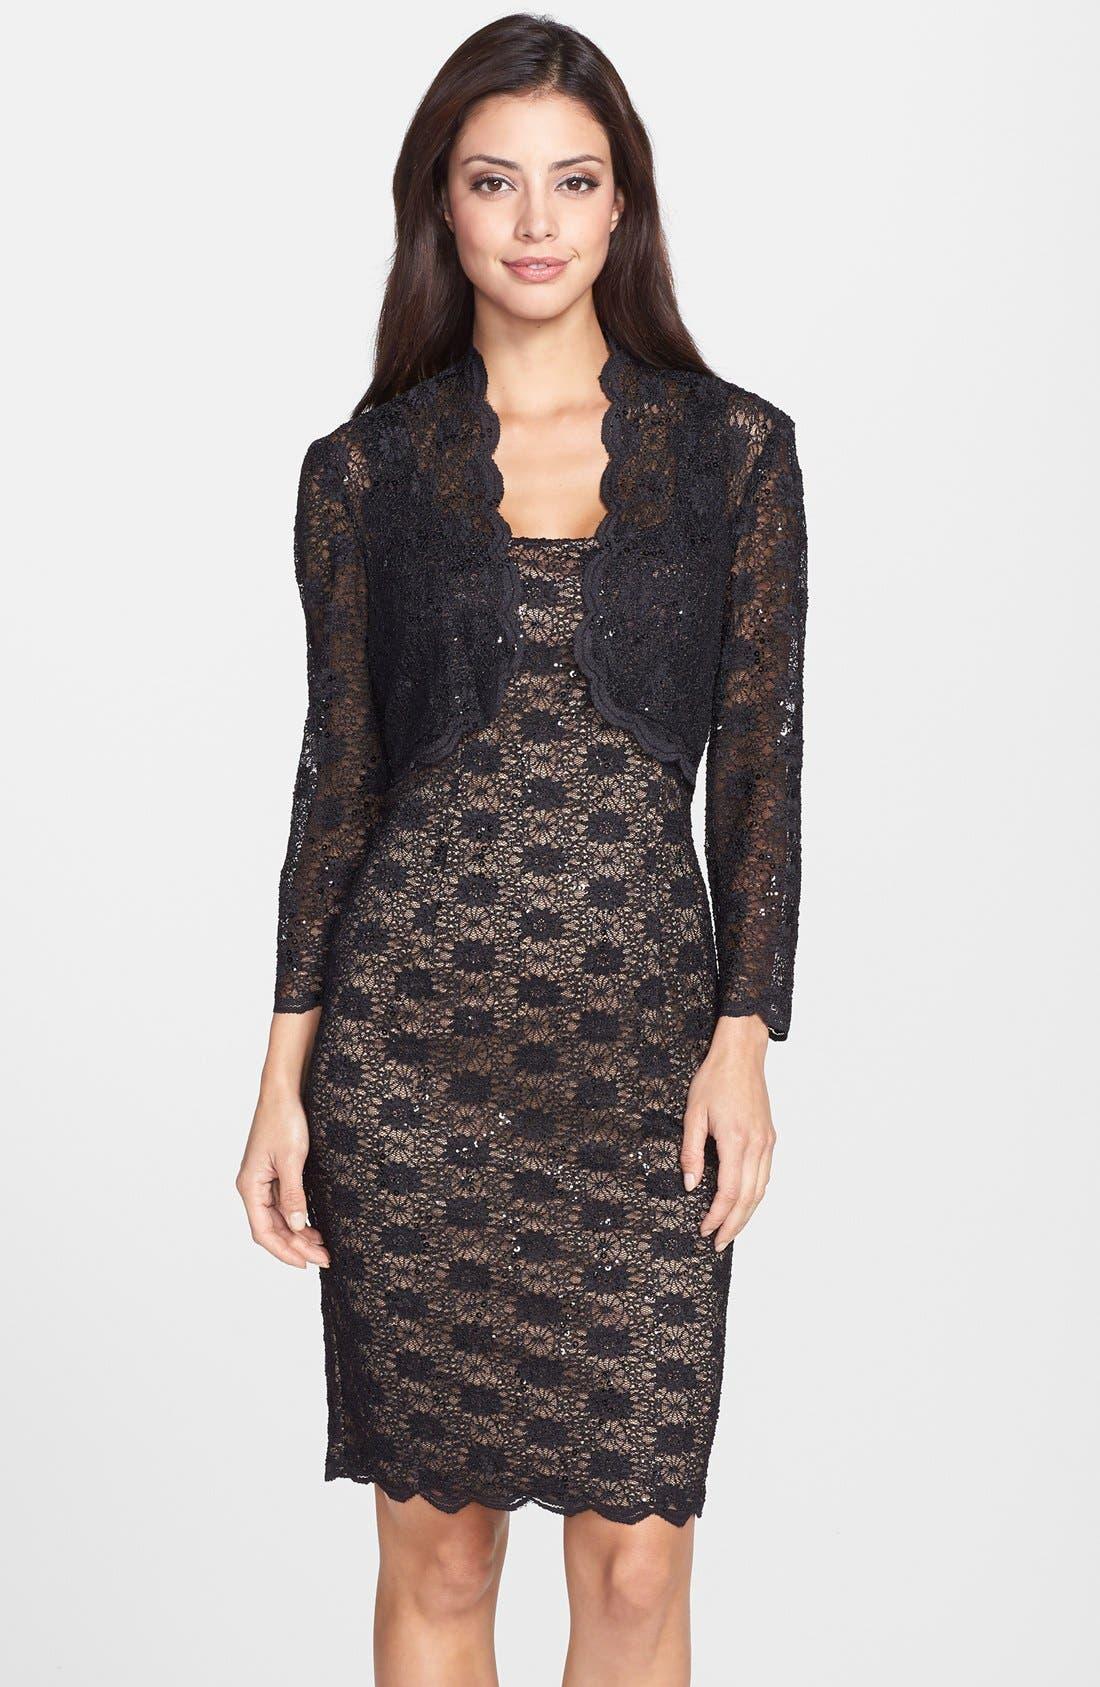 Alternate Image 1 Selected - Alex Evenings Sequin Lace Sheath Dress & Bolero